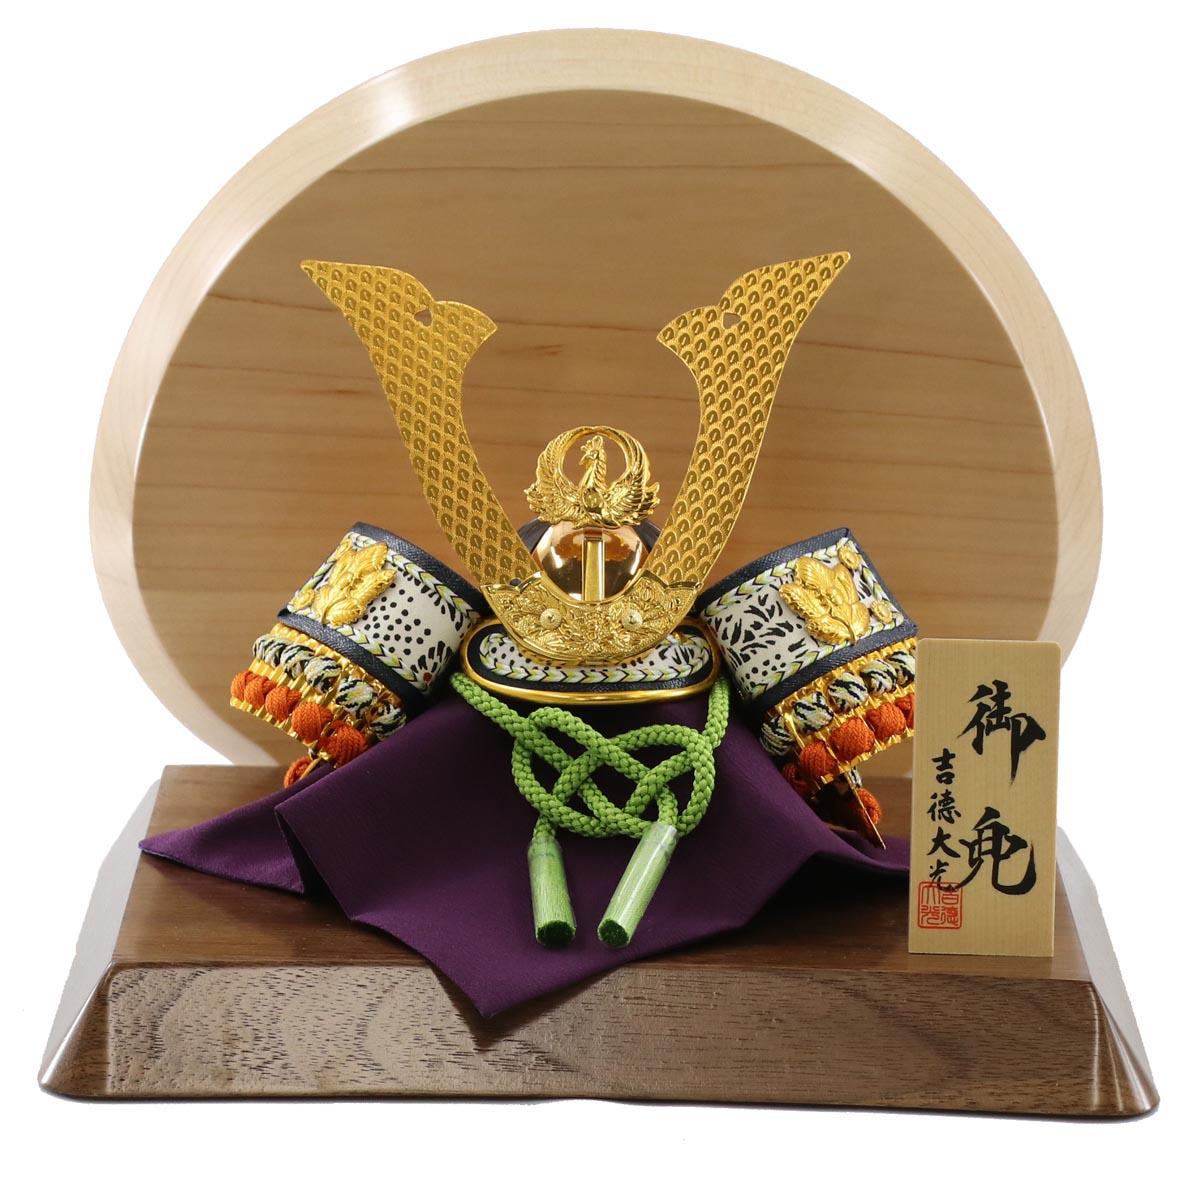 五月人形 吉徳 兜飾り 兜飾り 豆 総大将 高級木材使用飾り台・衝立 吉徳 ≪GOY-113-380-WN-S≫コンパクト おしゃれ 兜飾り 兜 五月人形